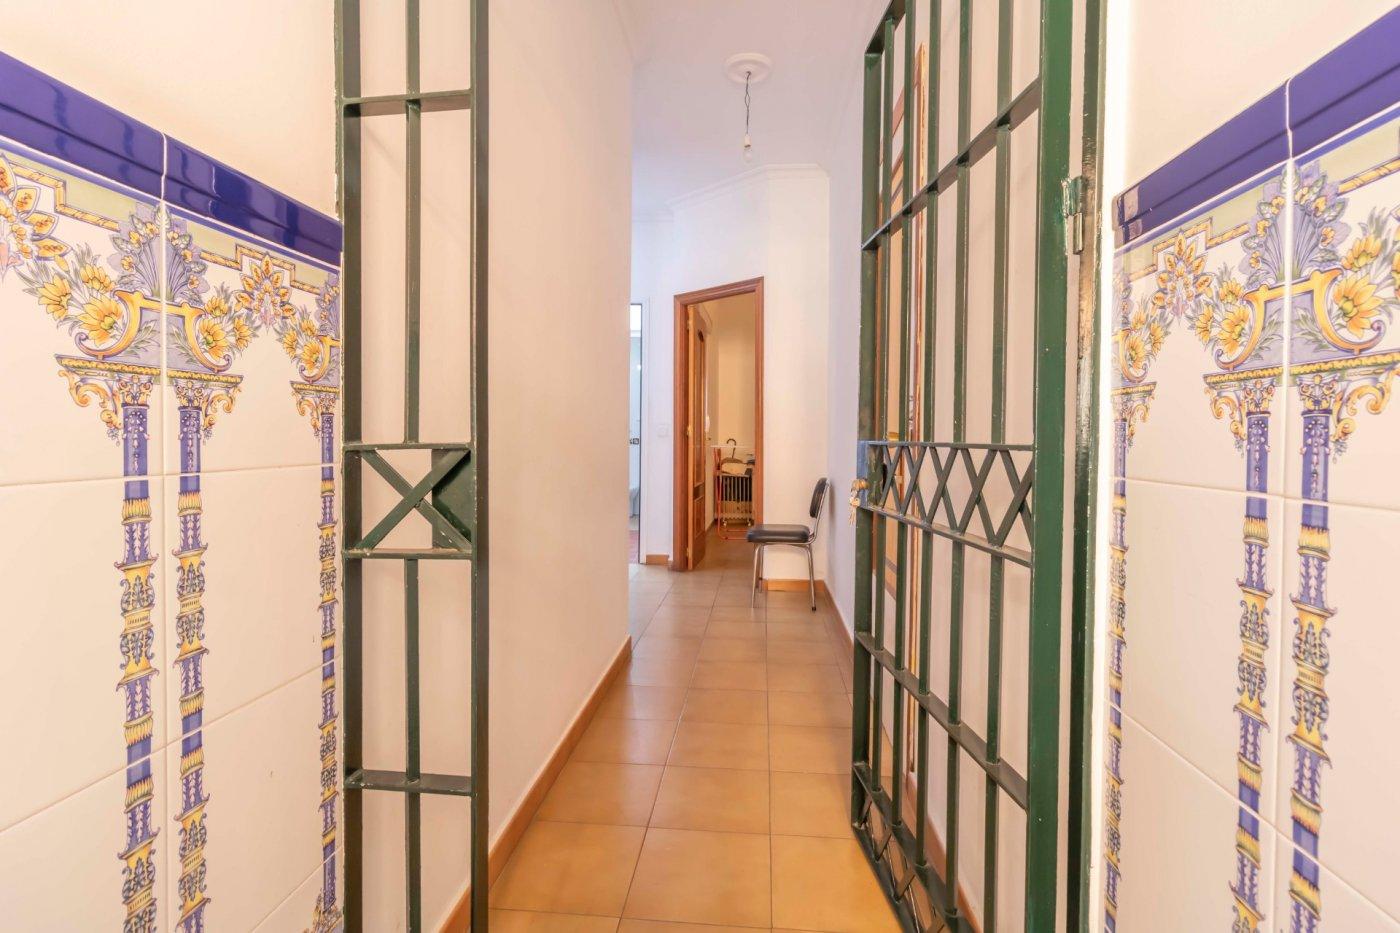 2 pisos a la venta por el precio de uno en zona padre pÍo - imagenInmueble13